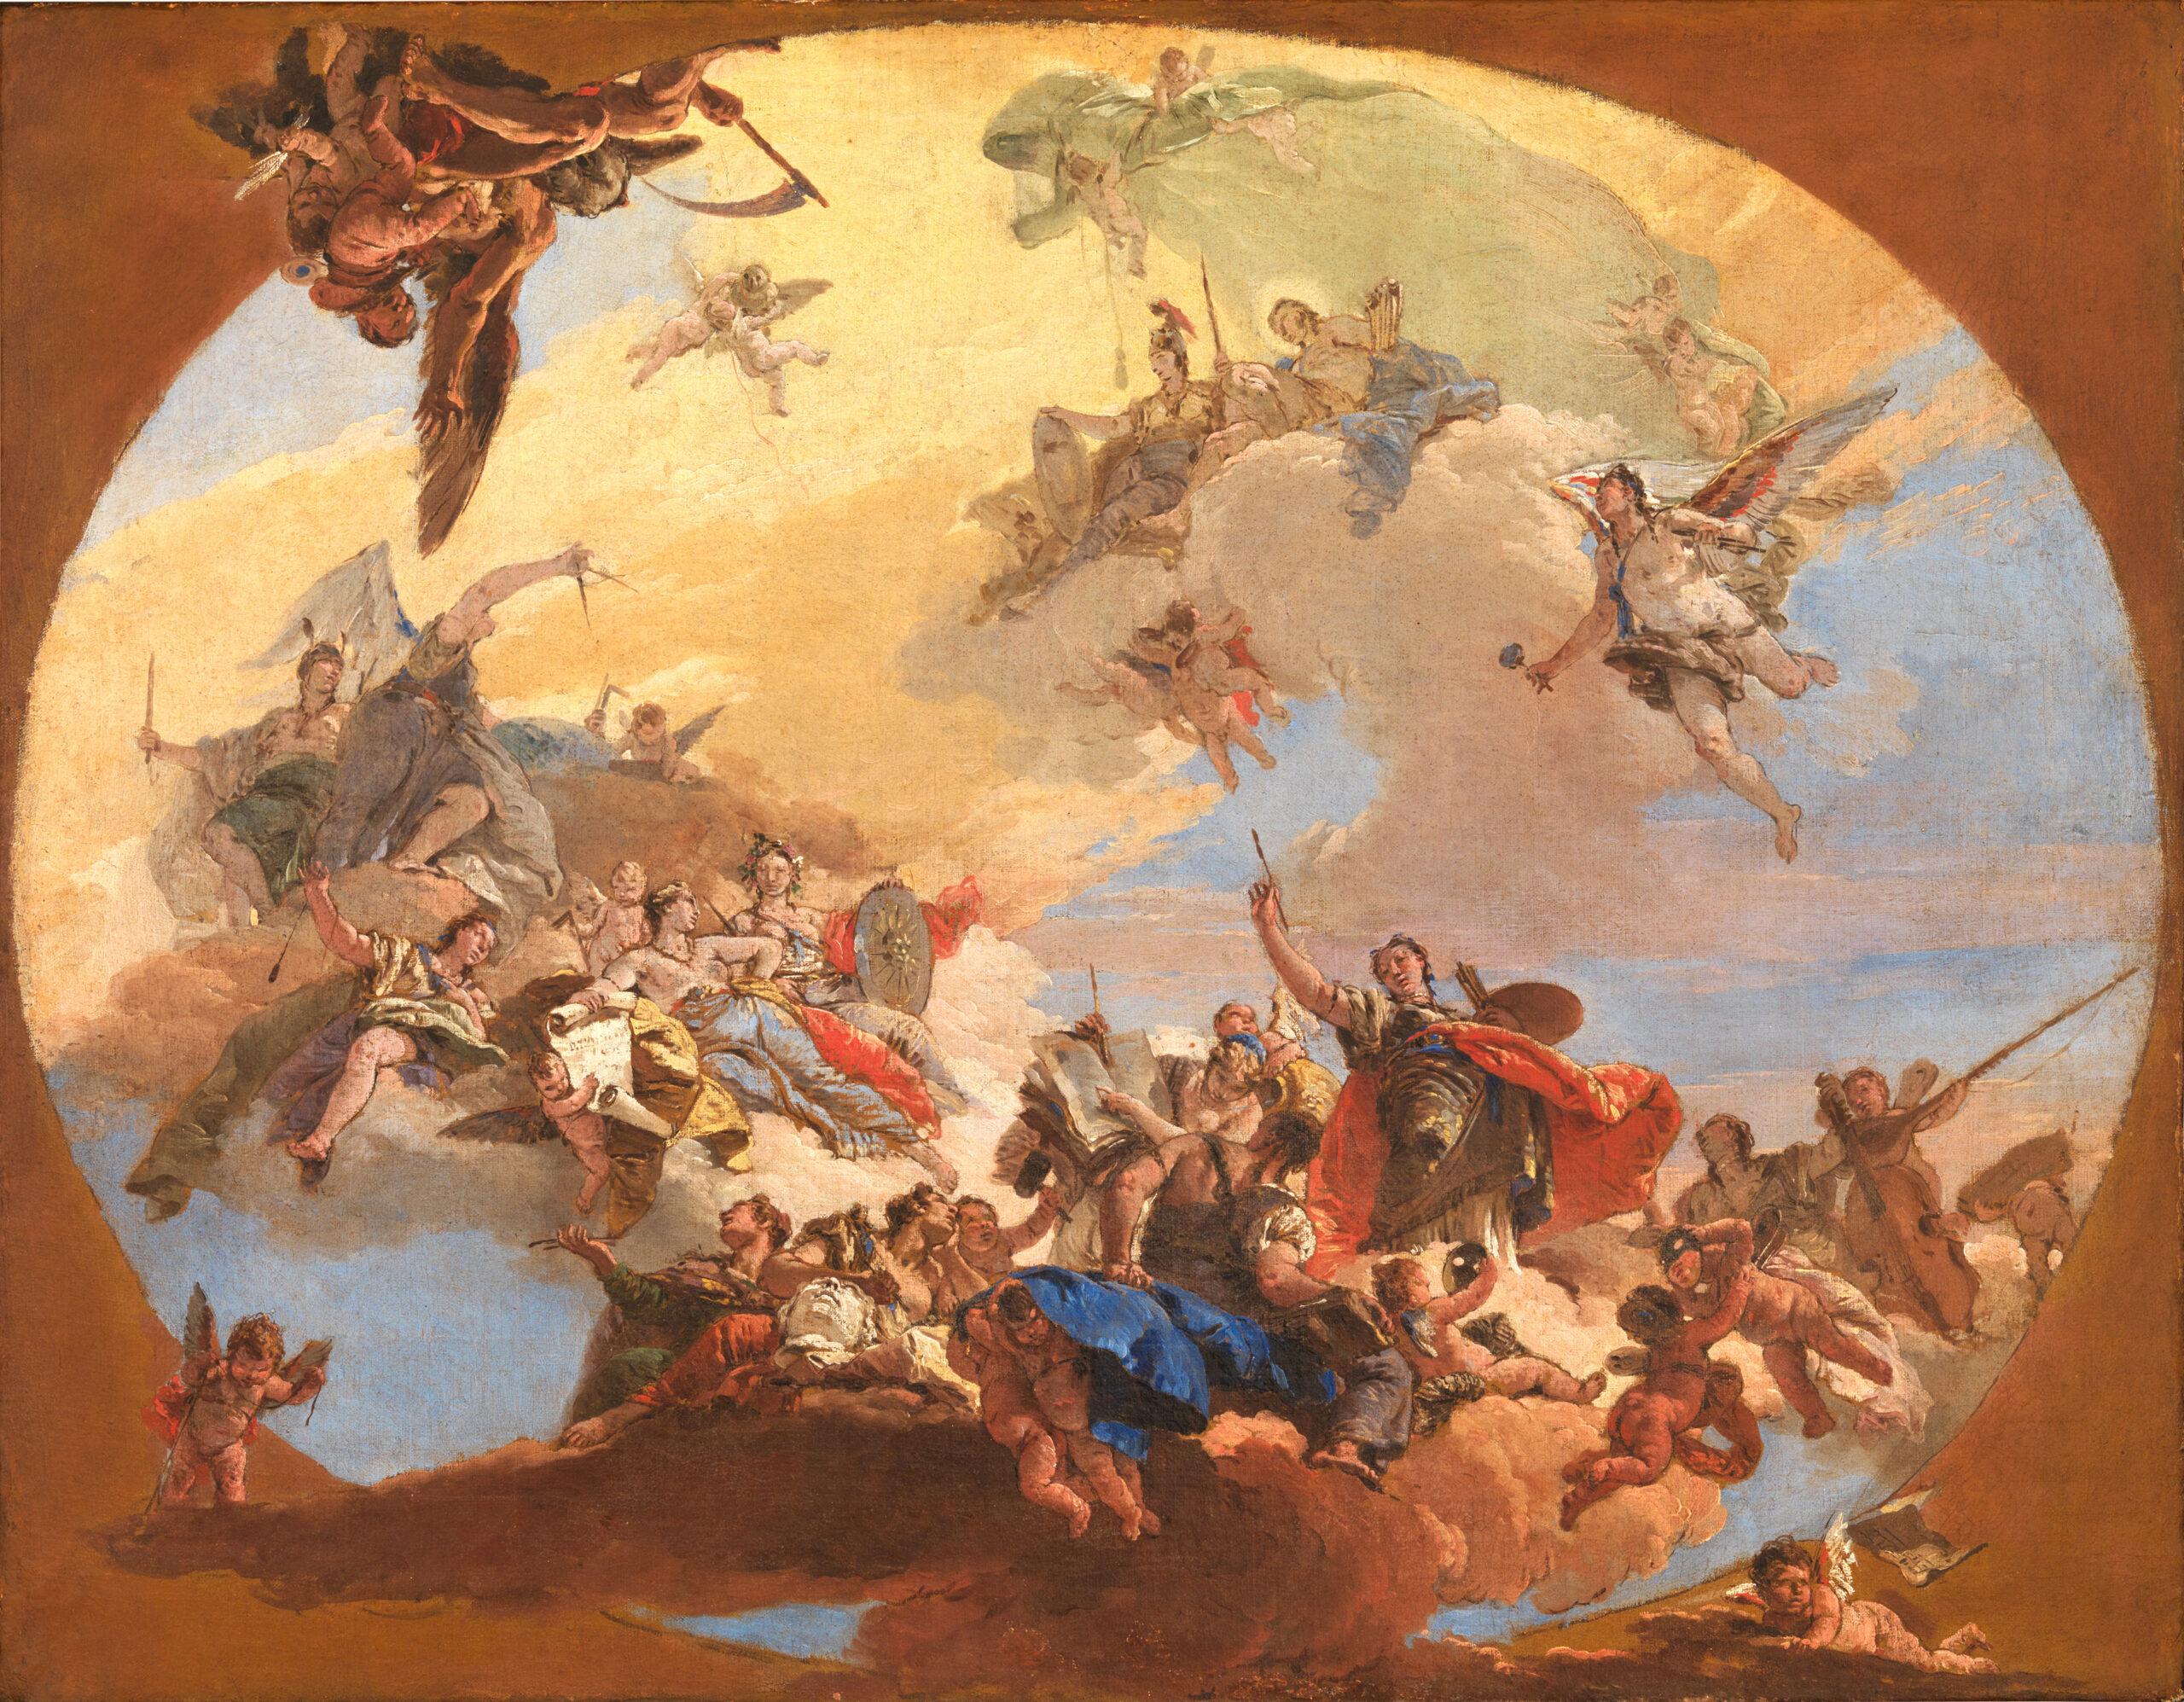 GB Tiepolo – Trionfo delle arti e delle scienze, 1730-1731, bozzetto per uno dei soffitti di Palazzo Archinto a Milano. Lisbona, Museo Nacional de Arte Antiga